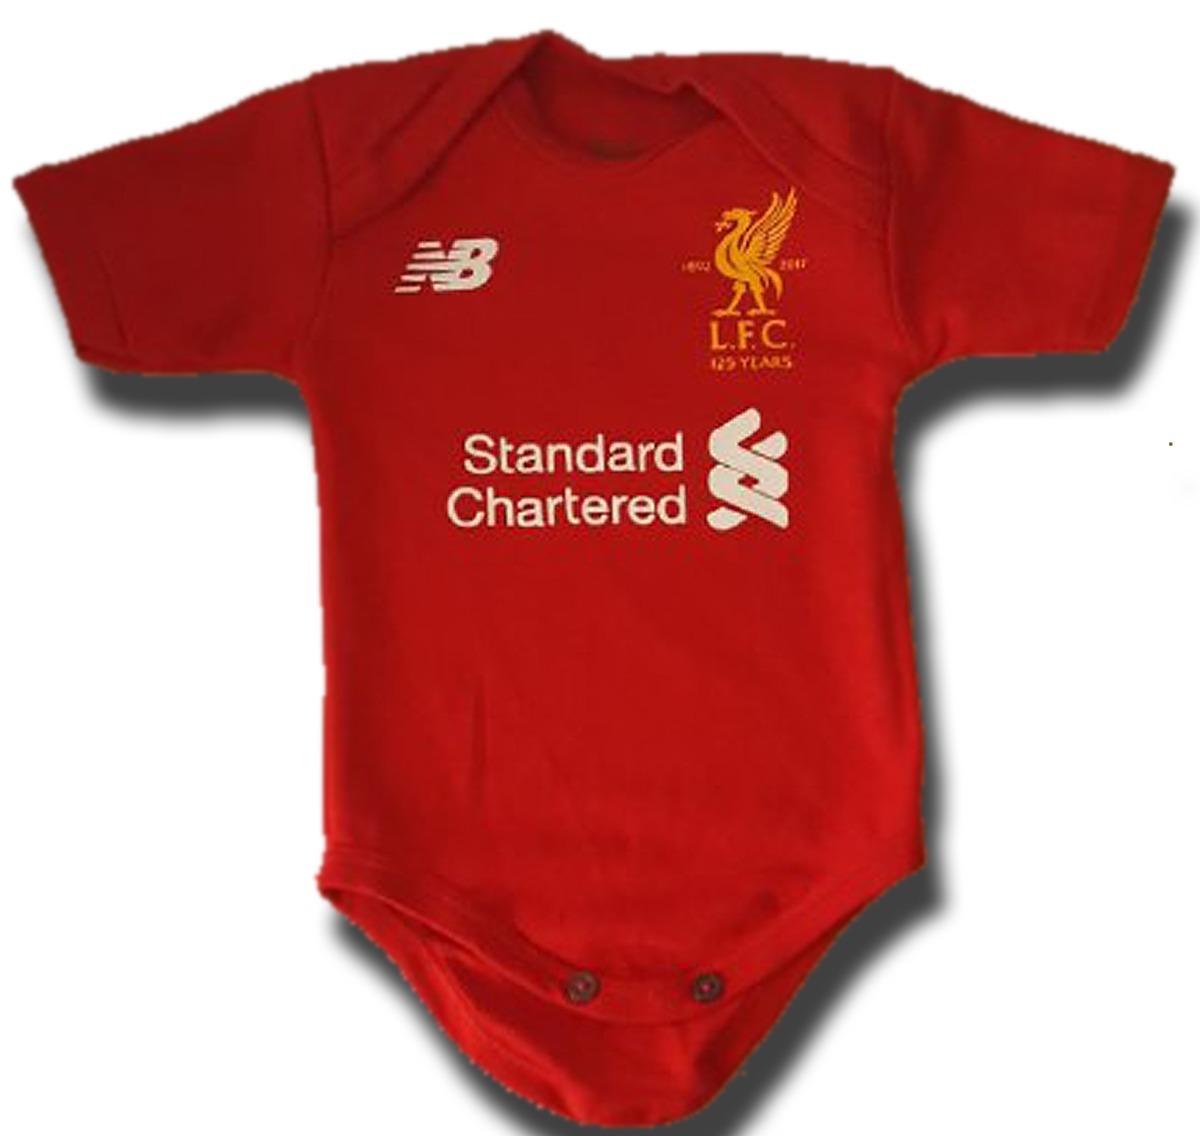 07268ec67 Ropa Para Bebe - Pañalero De Liverpool Rojo -   185.00 en Mercado Libre